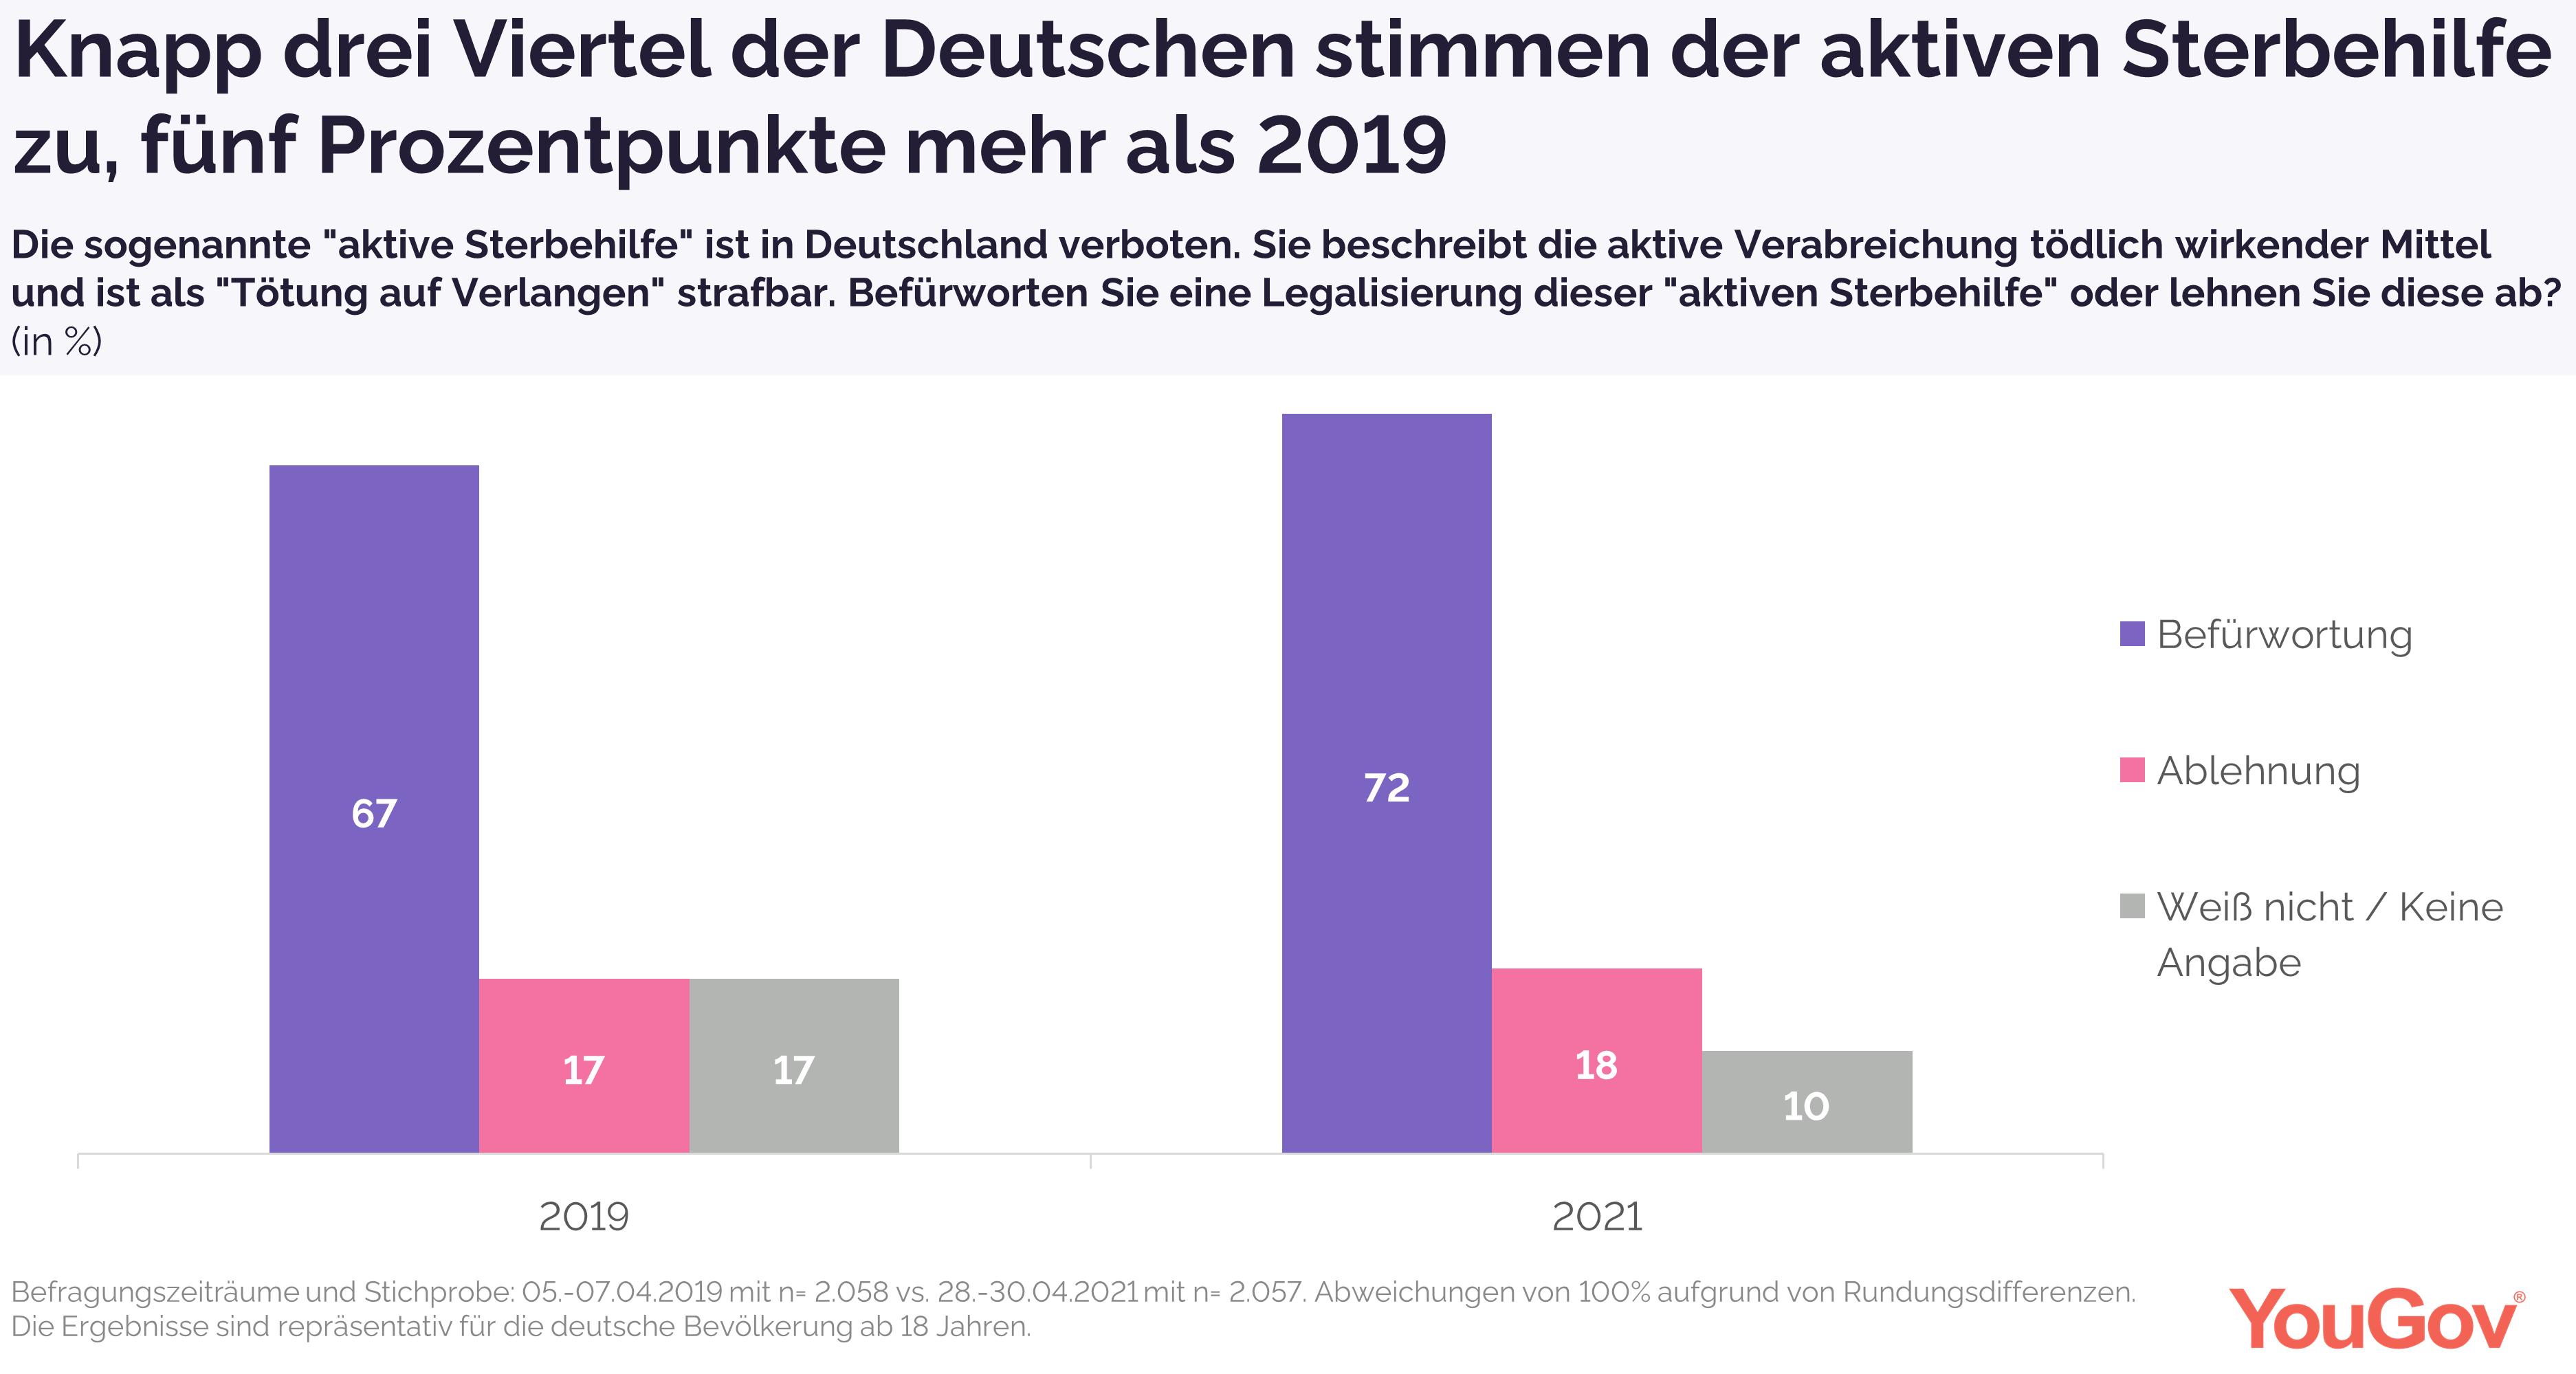 Knapp drei Viertel der Deutschen stimmen der aktiven Sterbehilfe zu